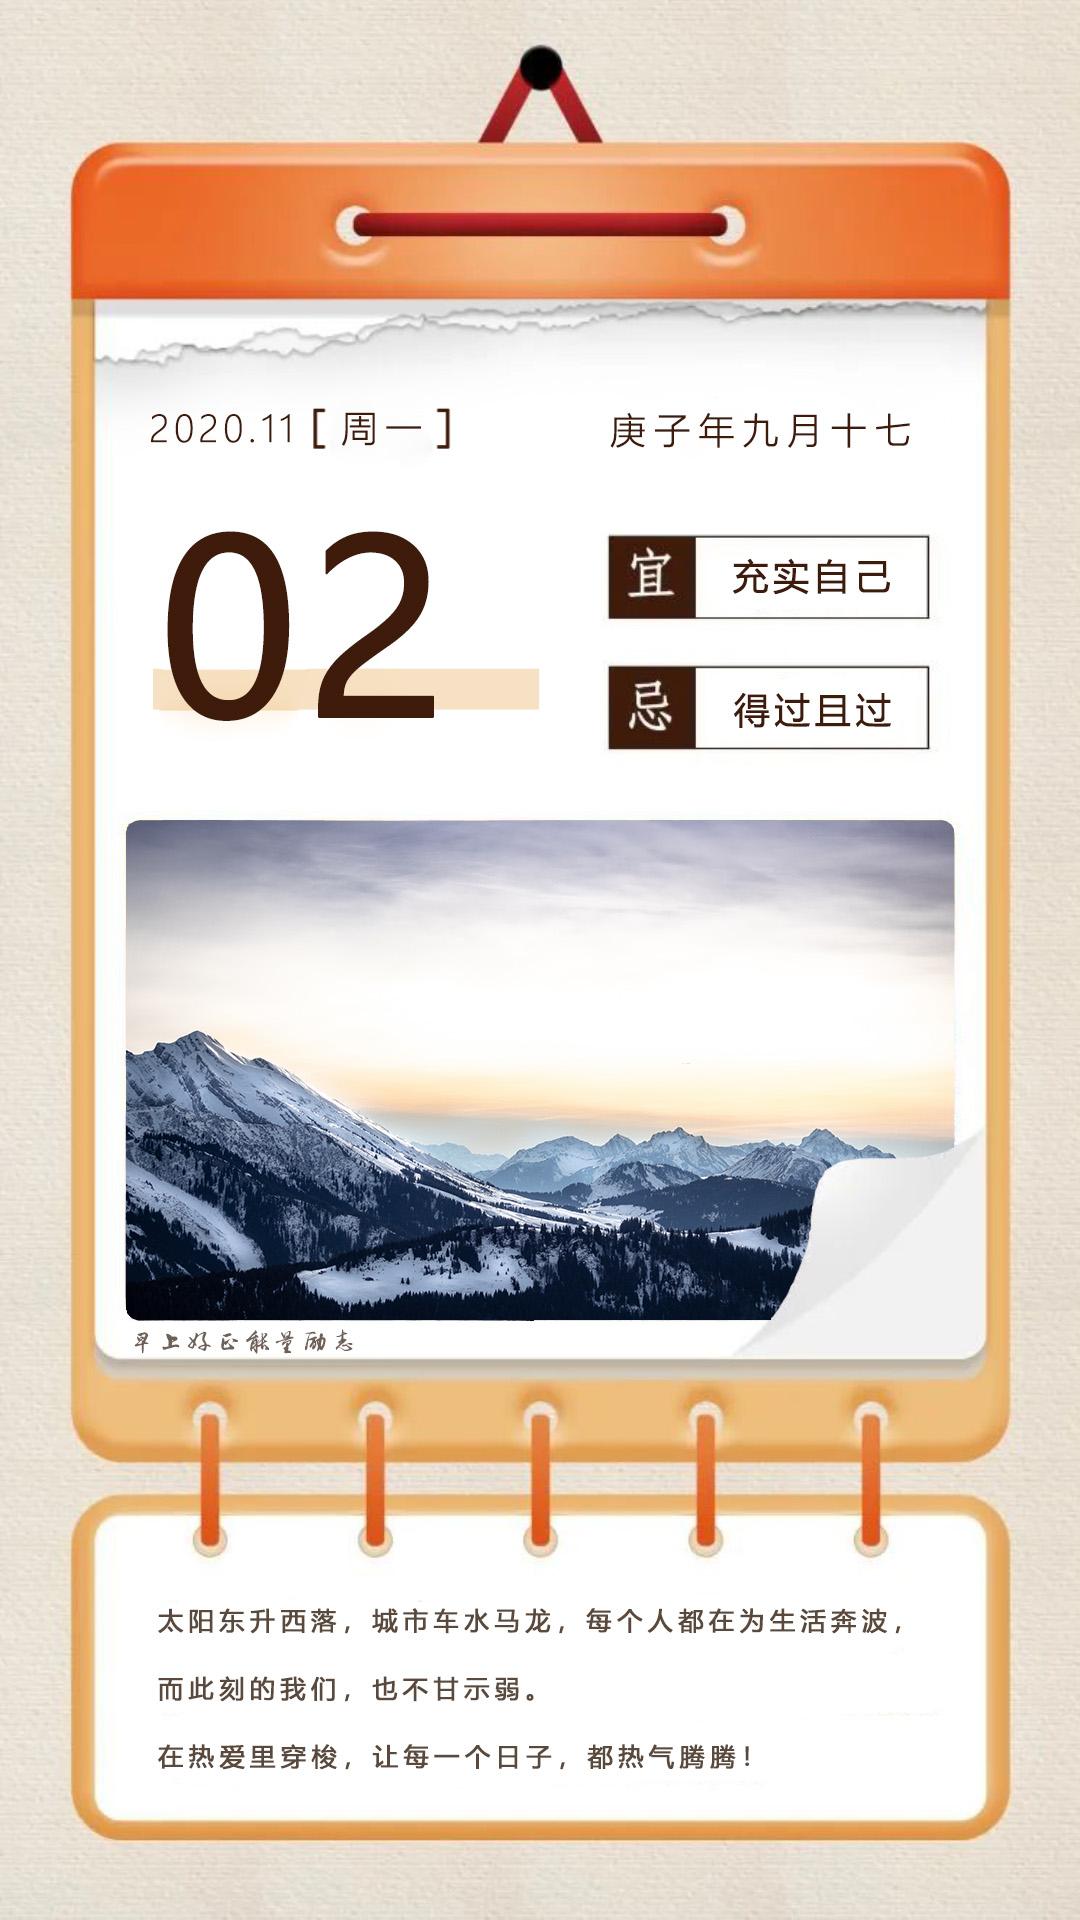 11月新的一月加油勉励早安心语说说图片带文字